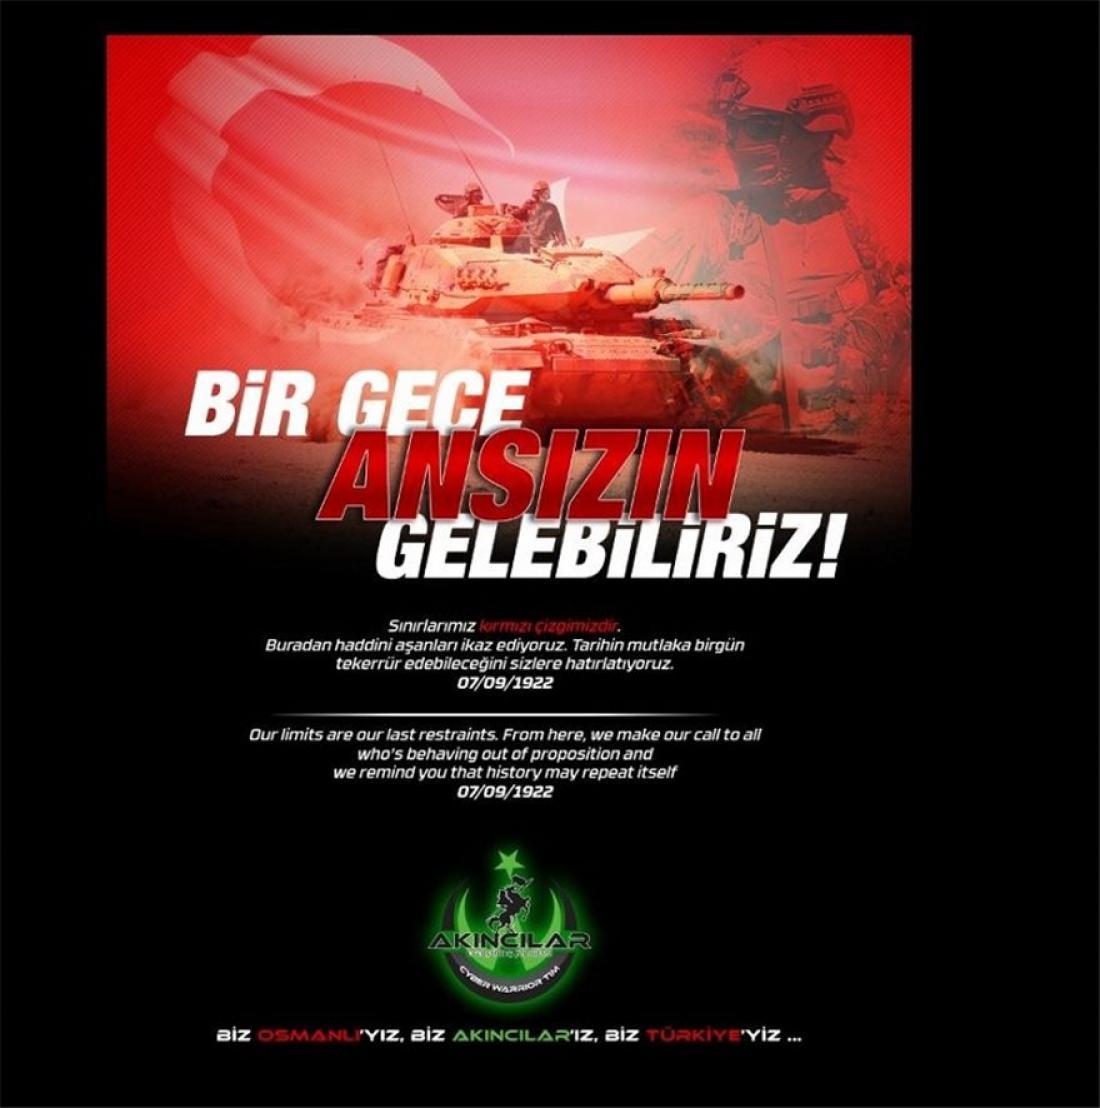 Τουρκοι χάκερς απειλούν με επανάληψη της καταστροφή της Σμύρνης - «Χτύπησαν» τη σελίδα της ΓΓ Καταναλωτή